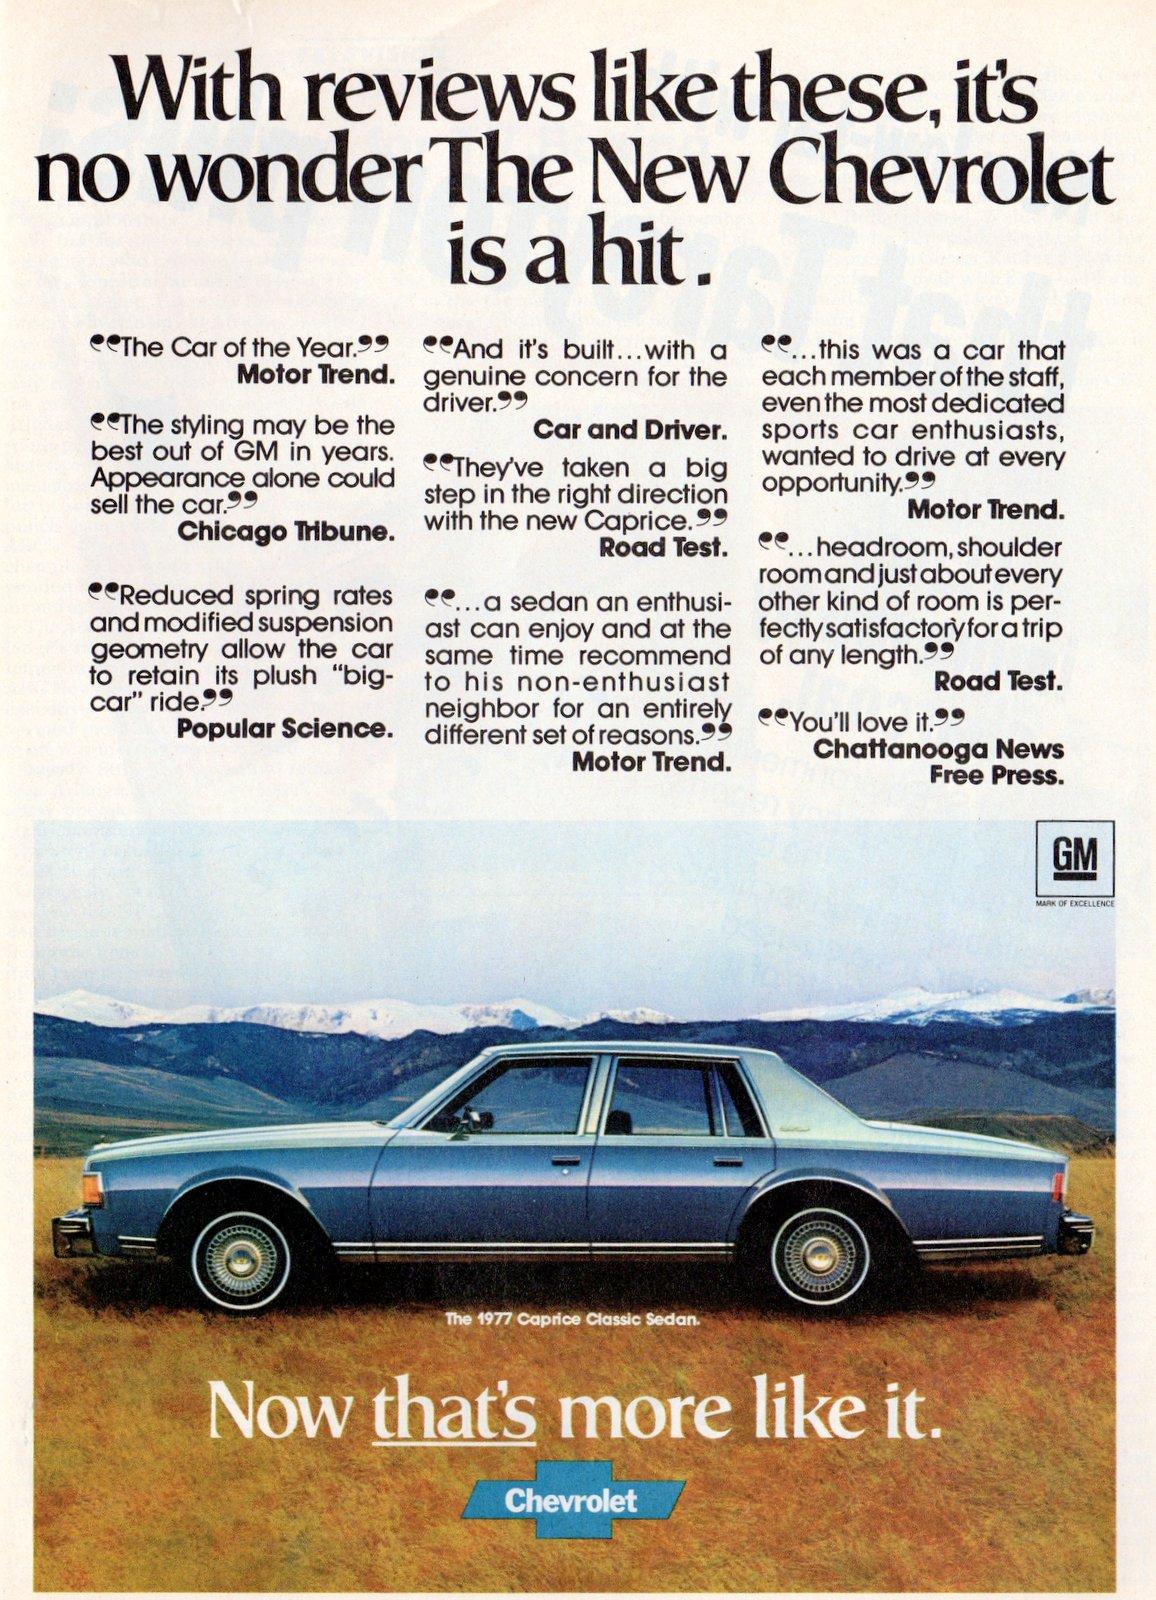 1977 Chevrolet Caprice Classic Sedan car